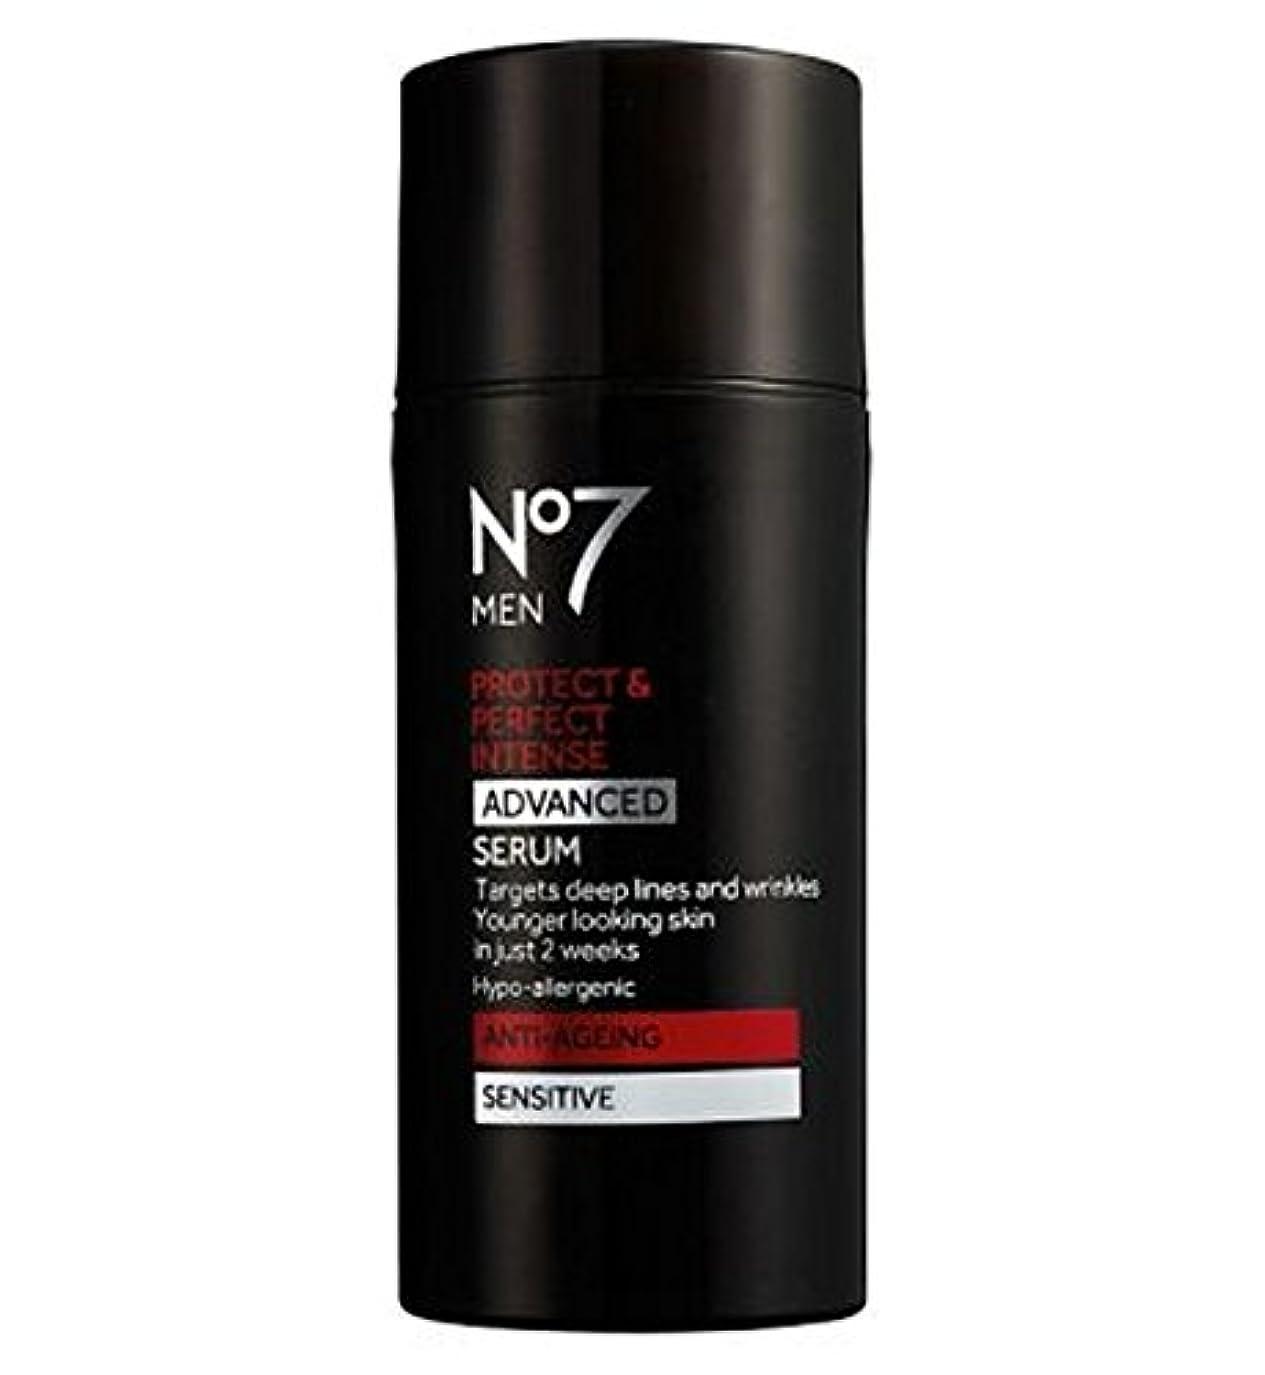 所得リース溶かすNo7の男性は強烈な高度な血清を保護&完璧 (No7) (x2) - No7 Men Protect & Perfect Intense ADVANCED Serum (Pack of 2) [並行輸入品]